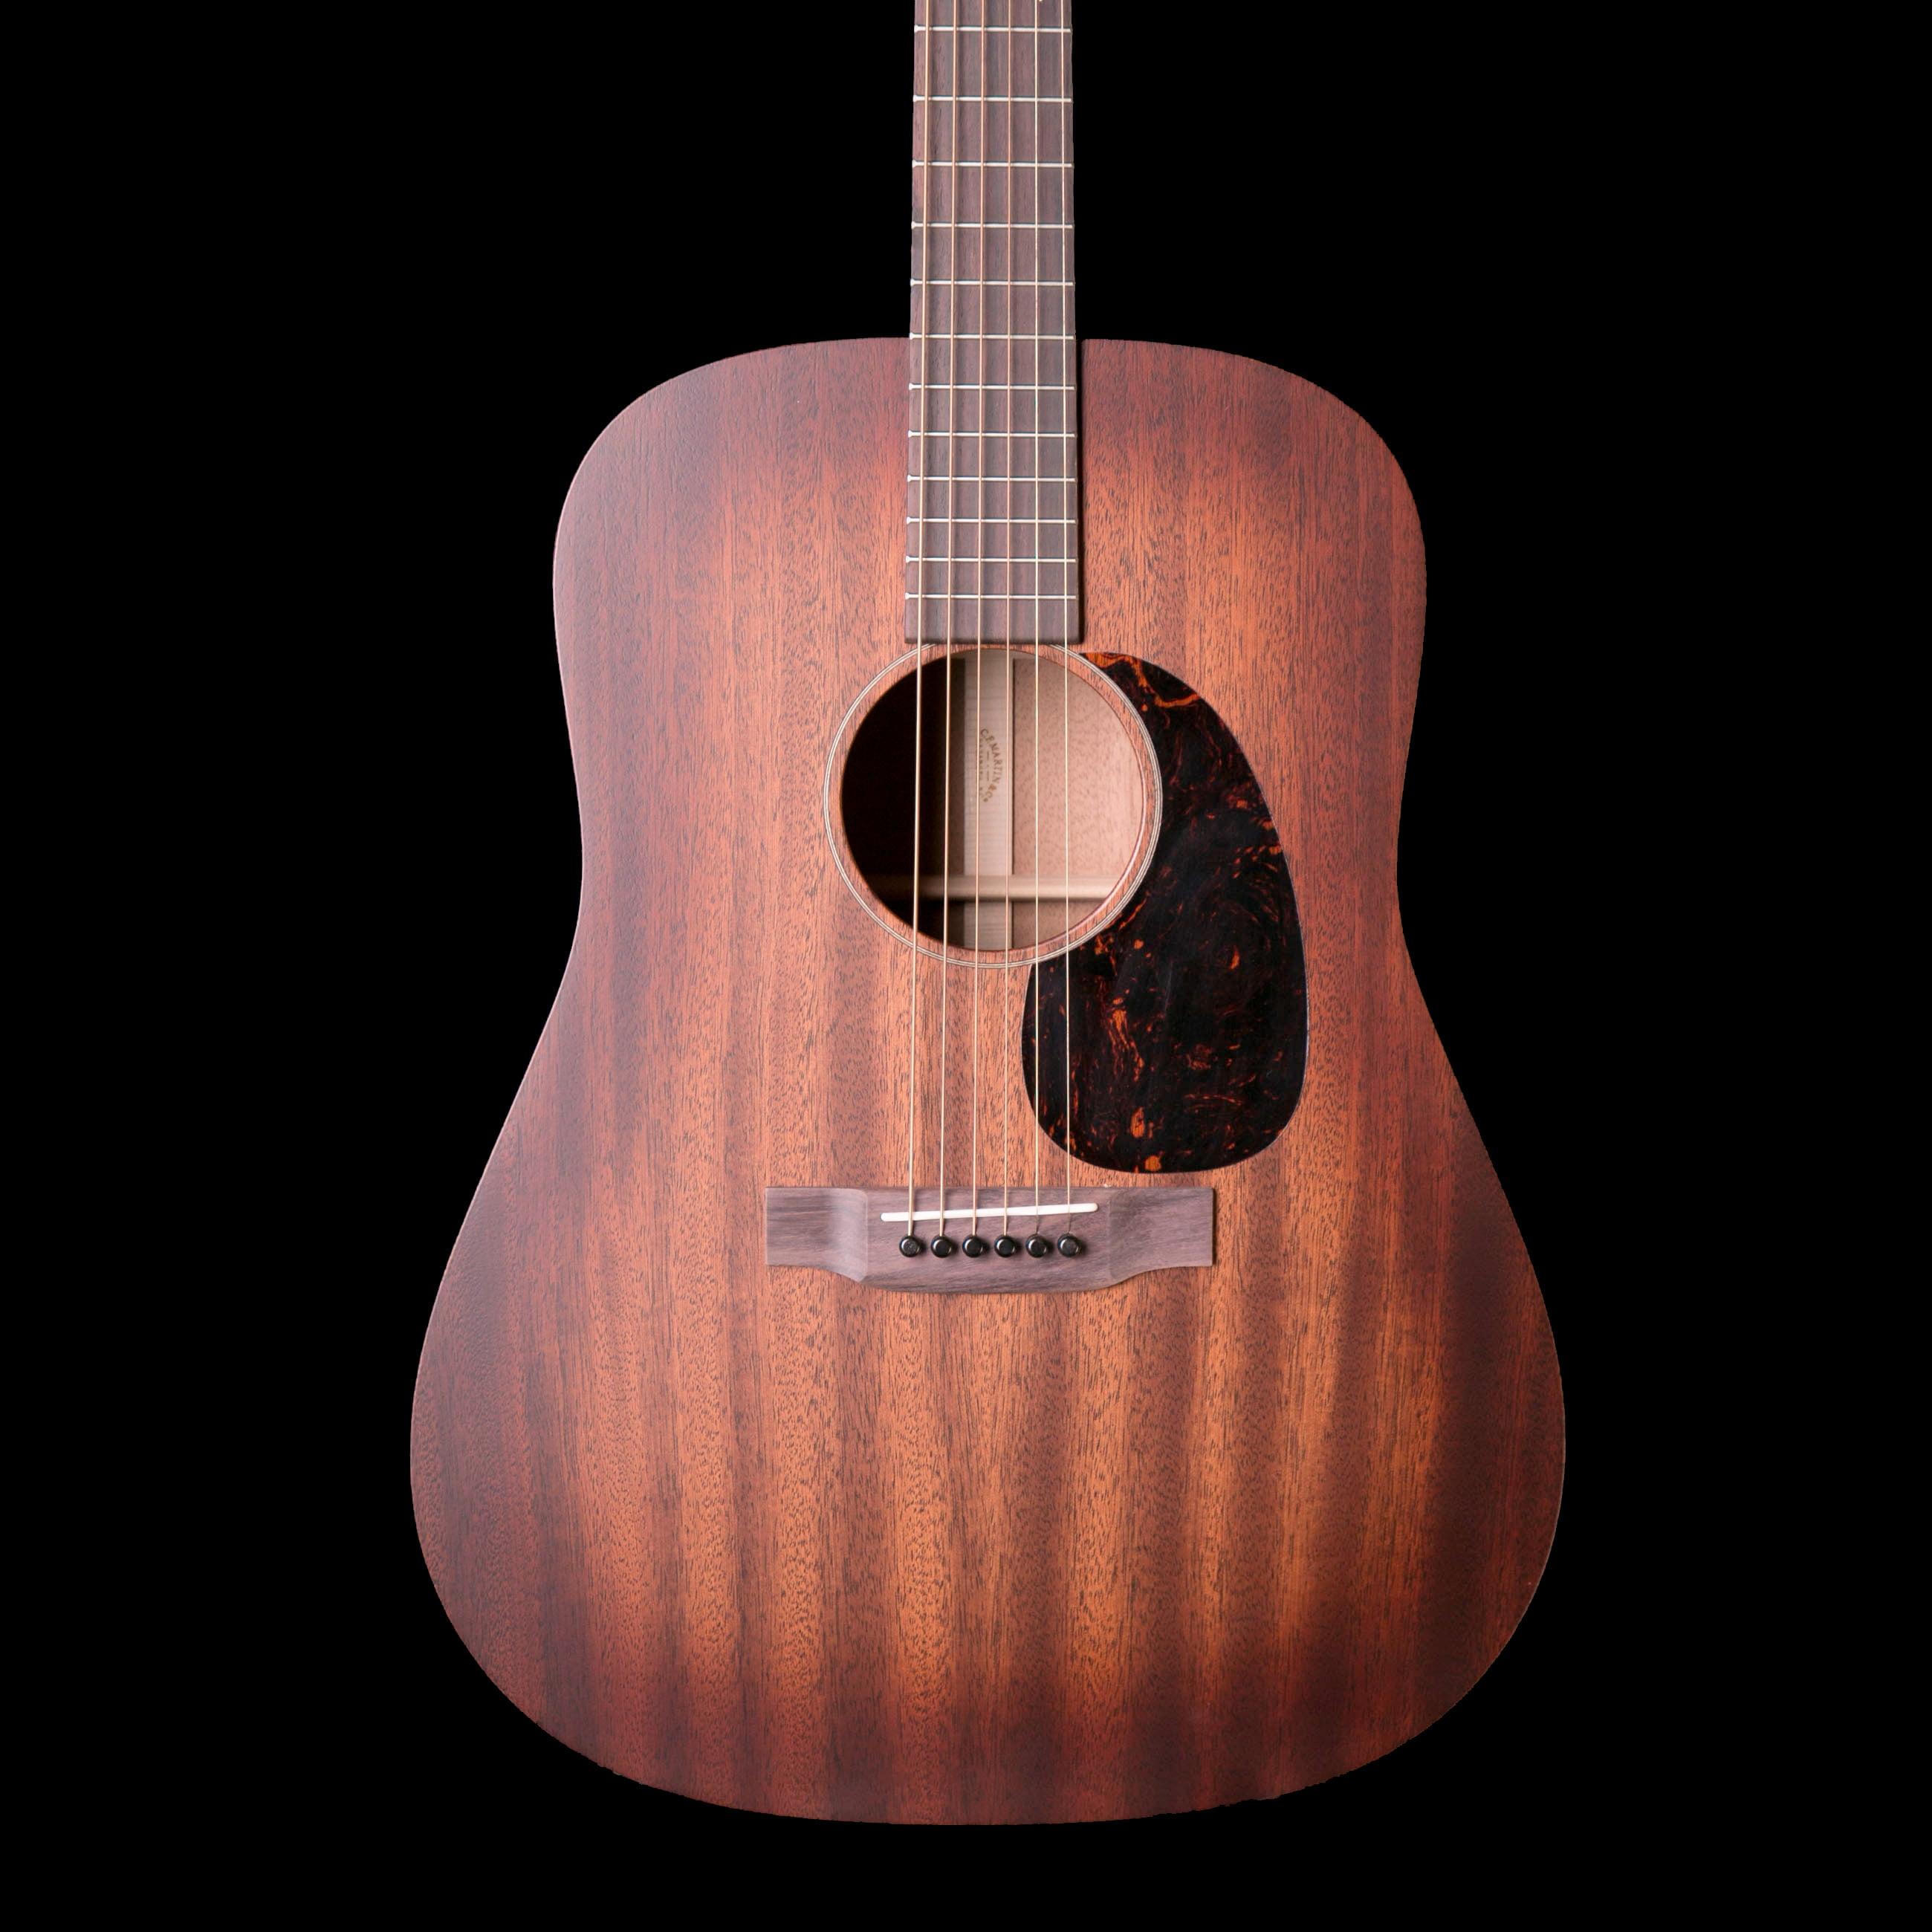 Martin D15M 15 Series Burst Dreadnought Acoustic Guitar w/ Case